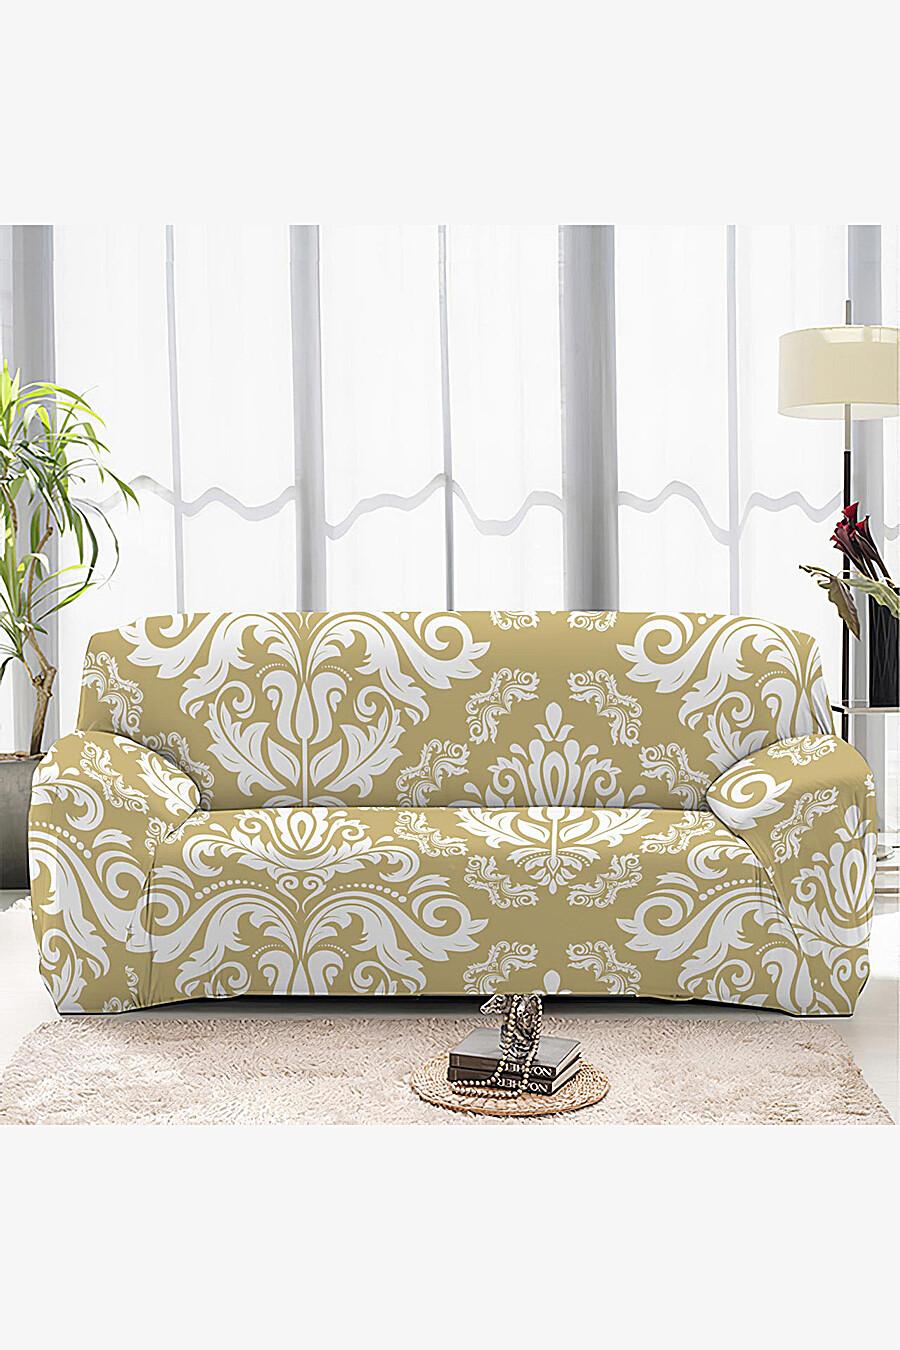 Чехол на диван для дома ART HOME TEXTILE 162916 купить оптом от производителя. Совместная покупка товаров для дома в OptMoyo